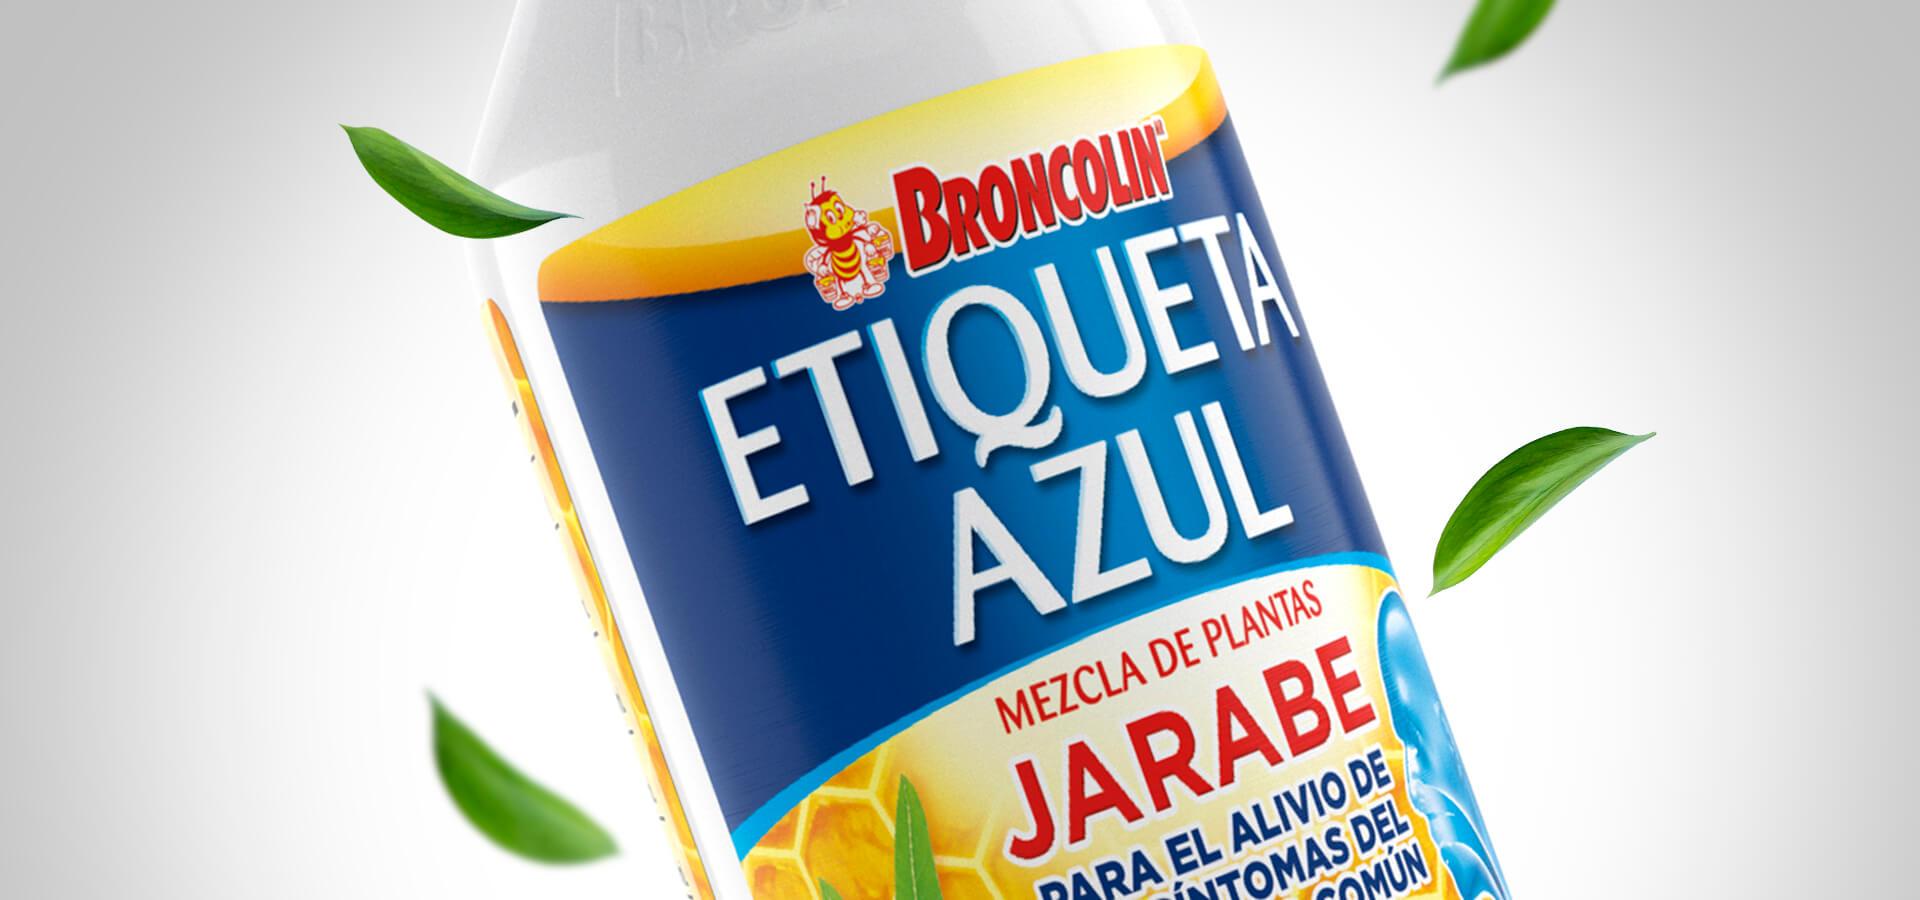 Broncolín Etiquetas Azúl y Verde